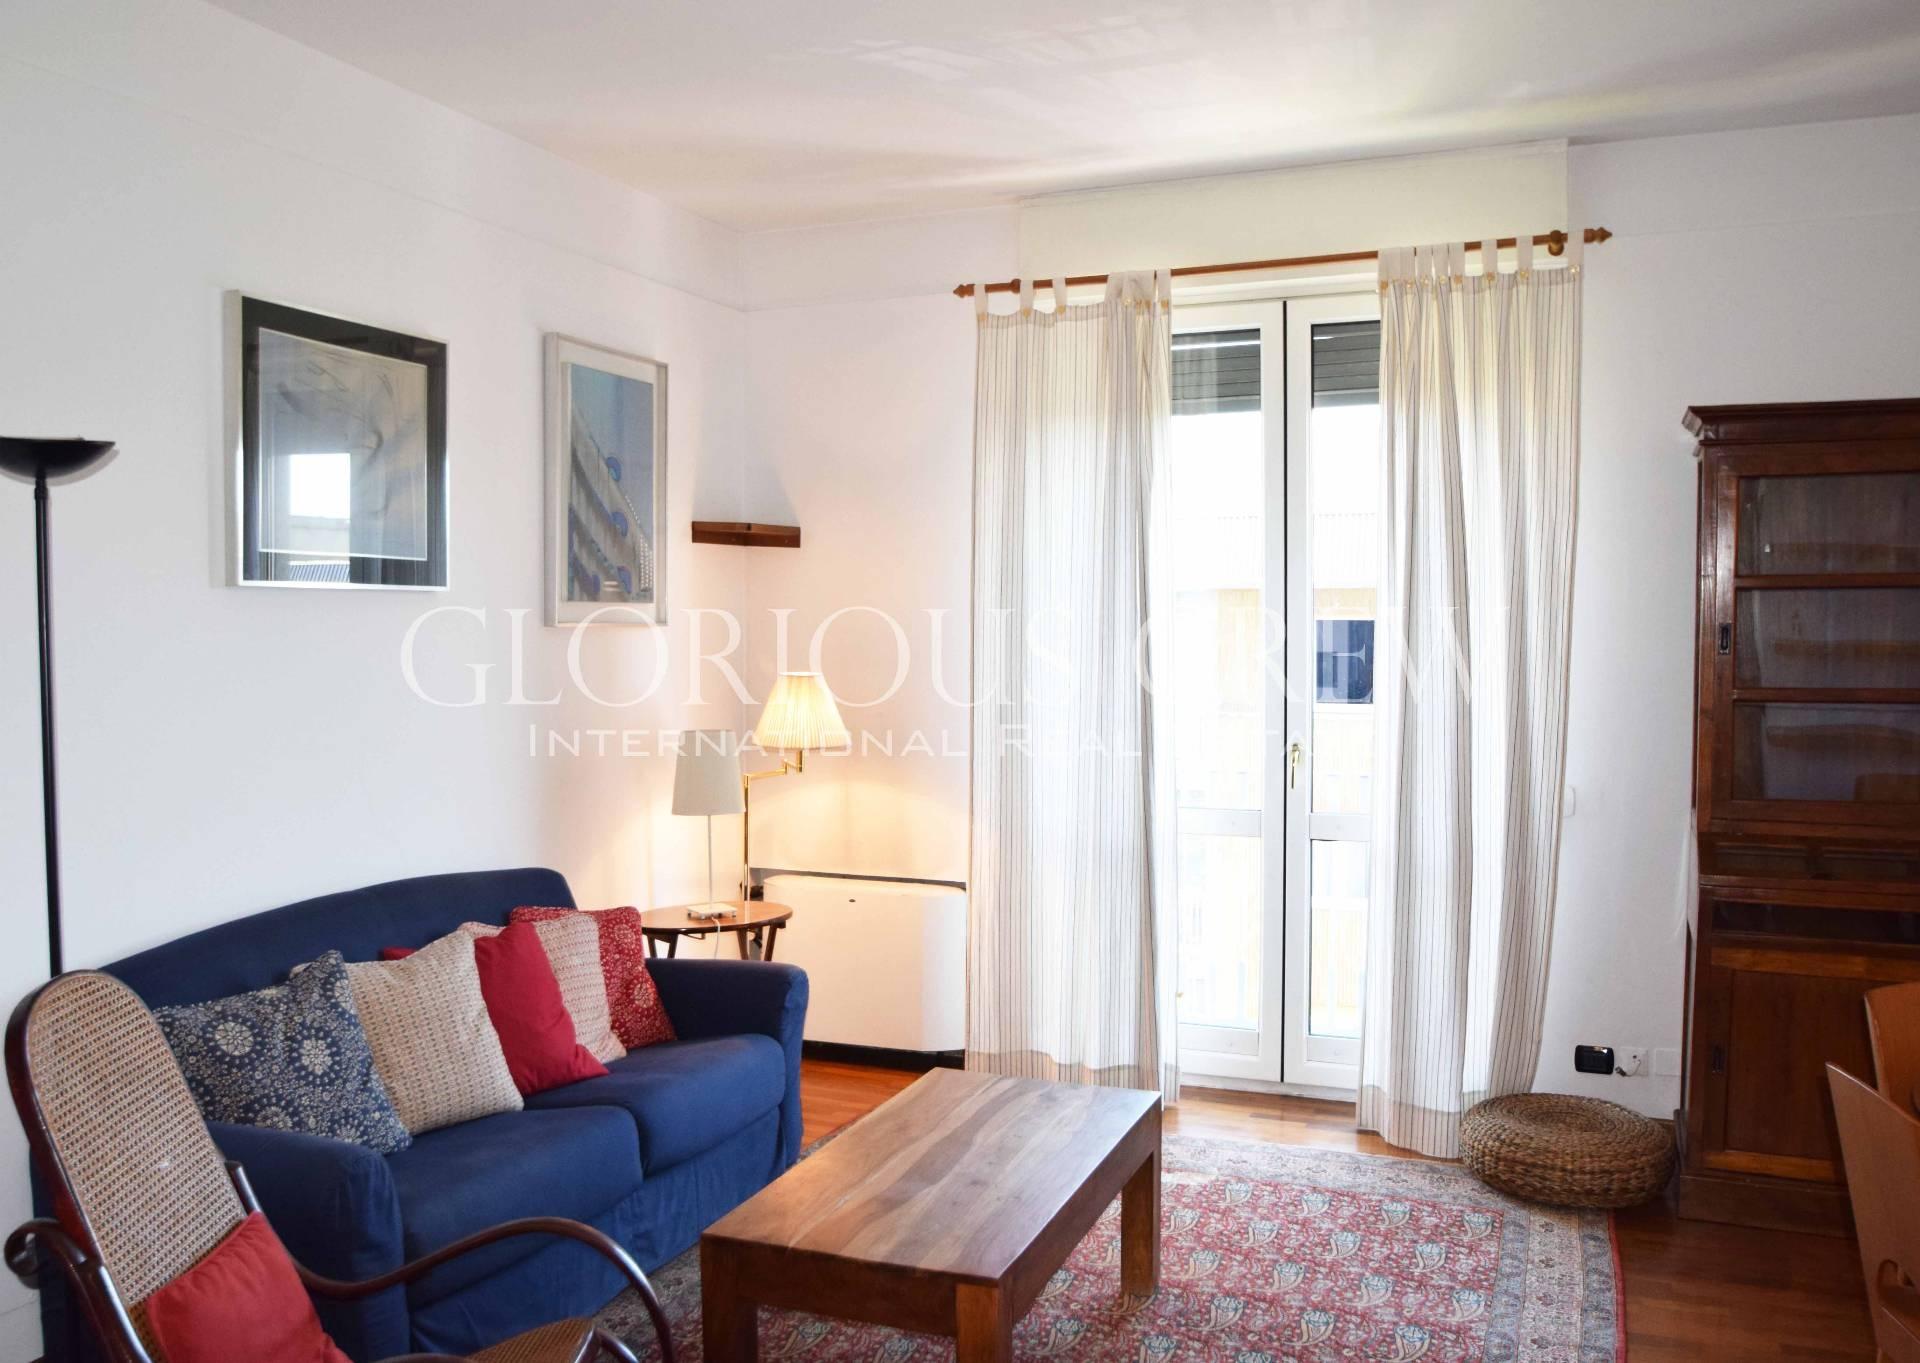 Appartamento in Vendita a Milano 25 Cassala / Famagosta / Lorenteggio / Barona: 2 locali, 76 mq